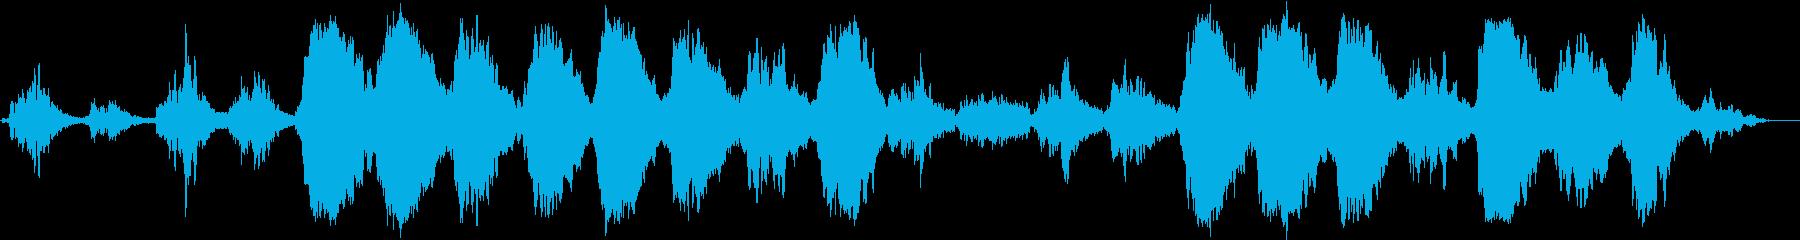 高周波の音楽で脳を刺激し、活性化を促すの再生済みの波形